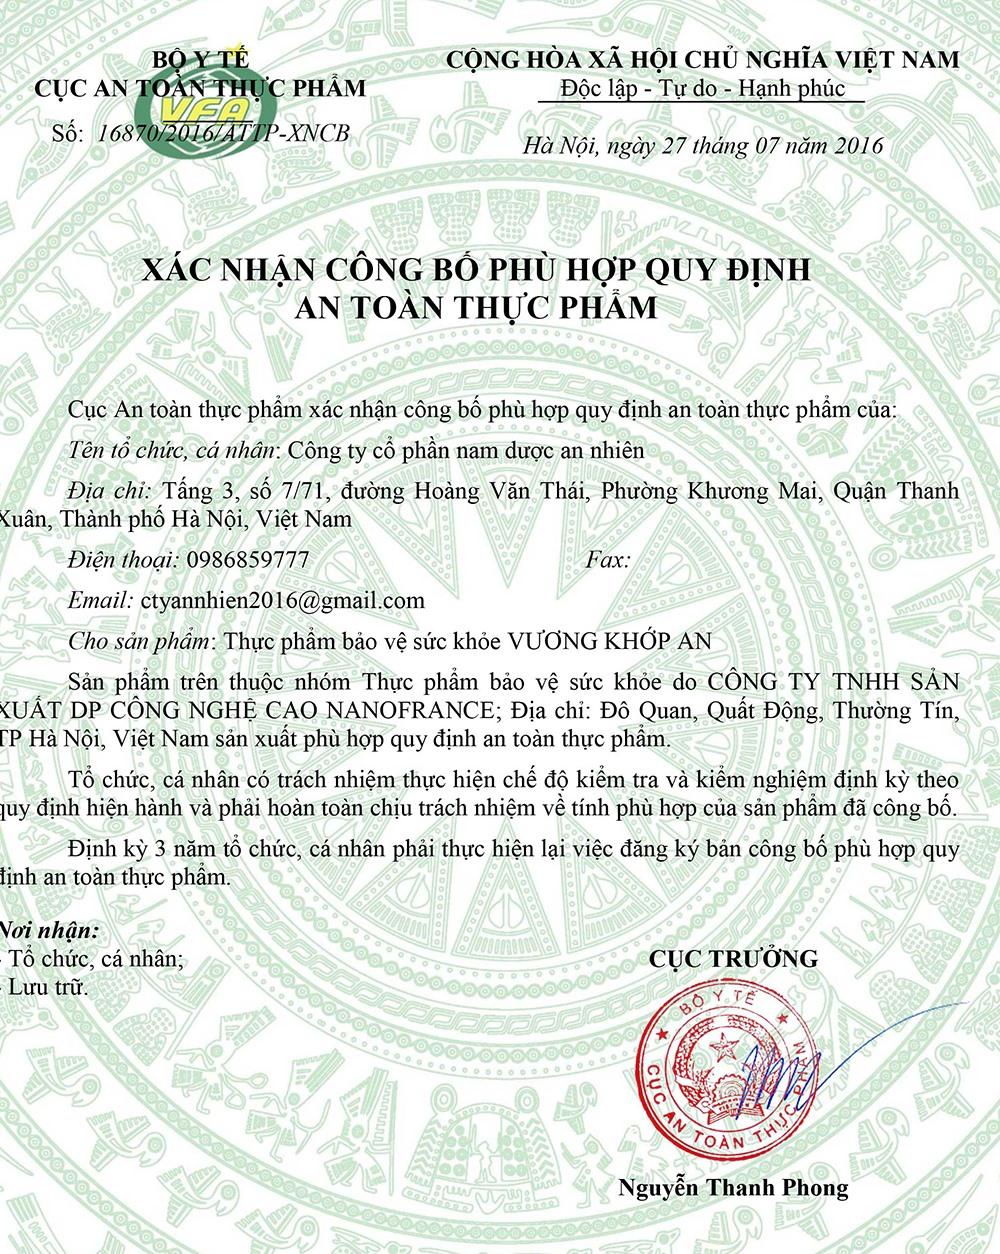 Bản chất Vương Khớp An chỉ là TPCN.